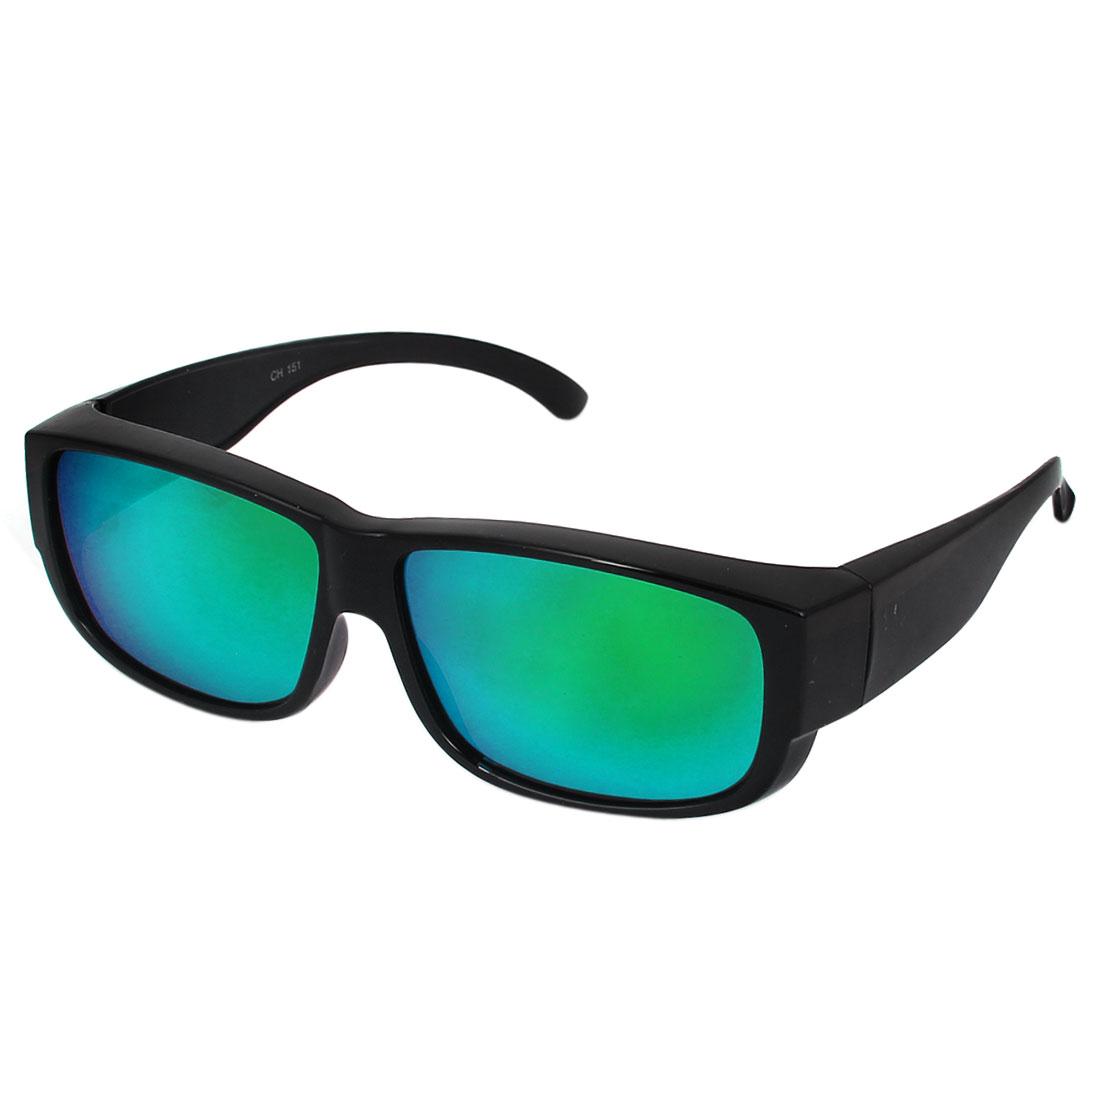 Unisex Outdoor Adornment Plastic Full Frame Single Bridge Polarized Glasses Green Lens Black